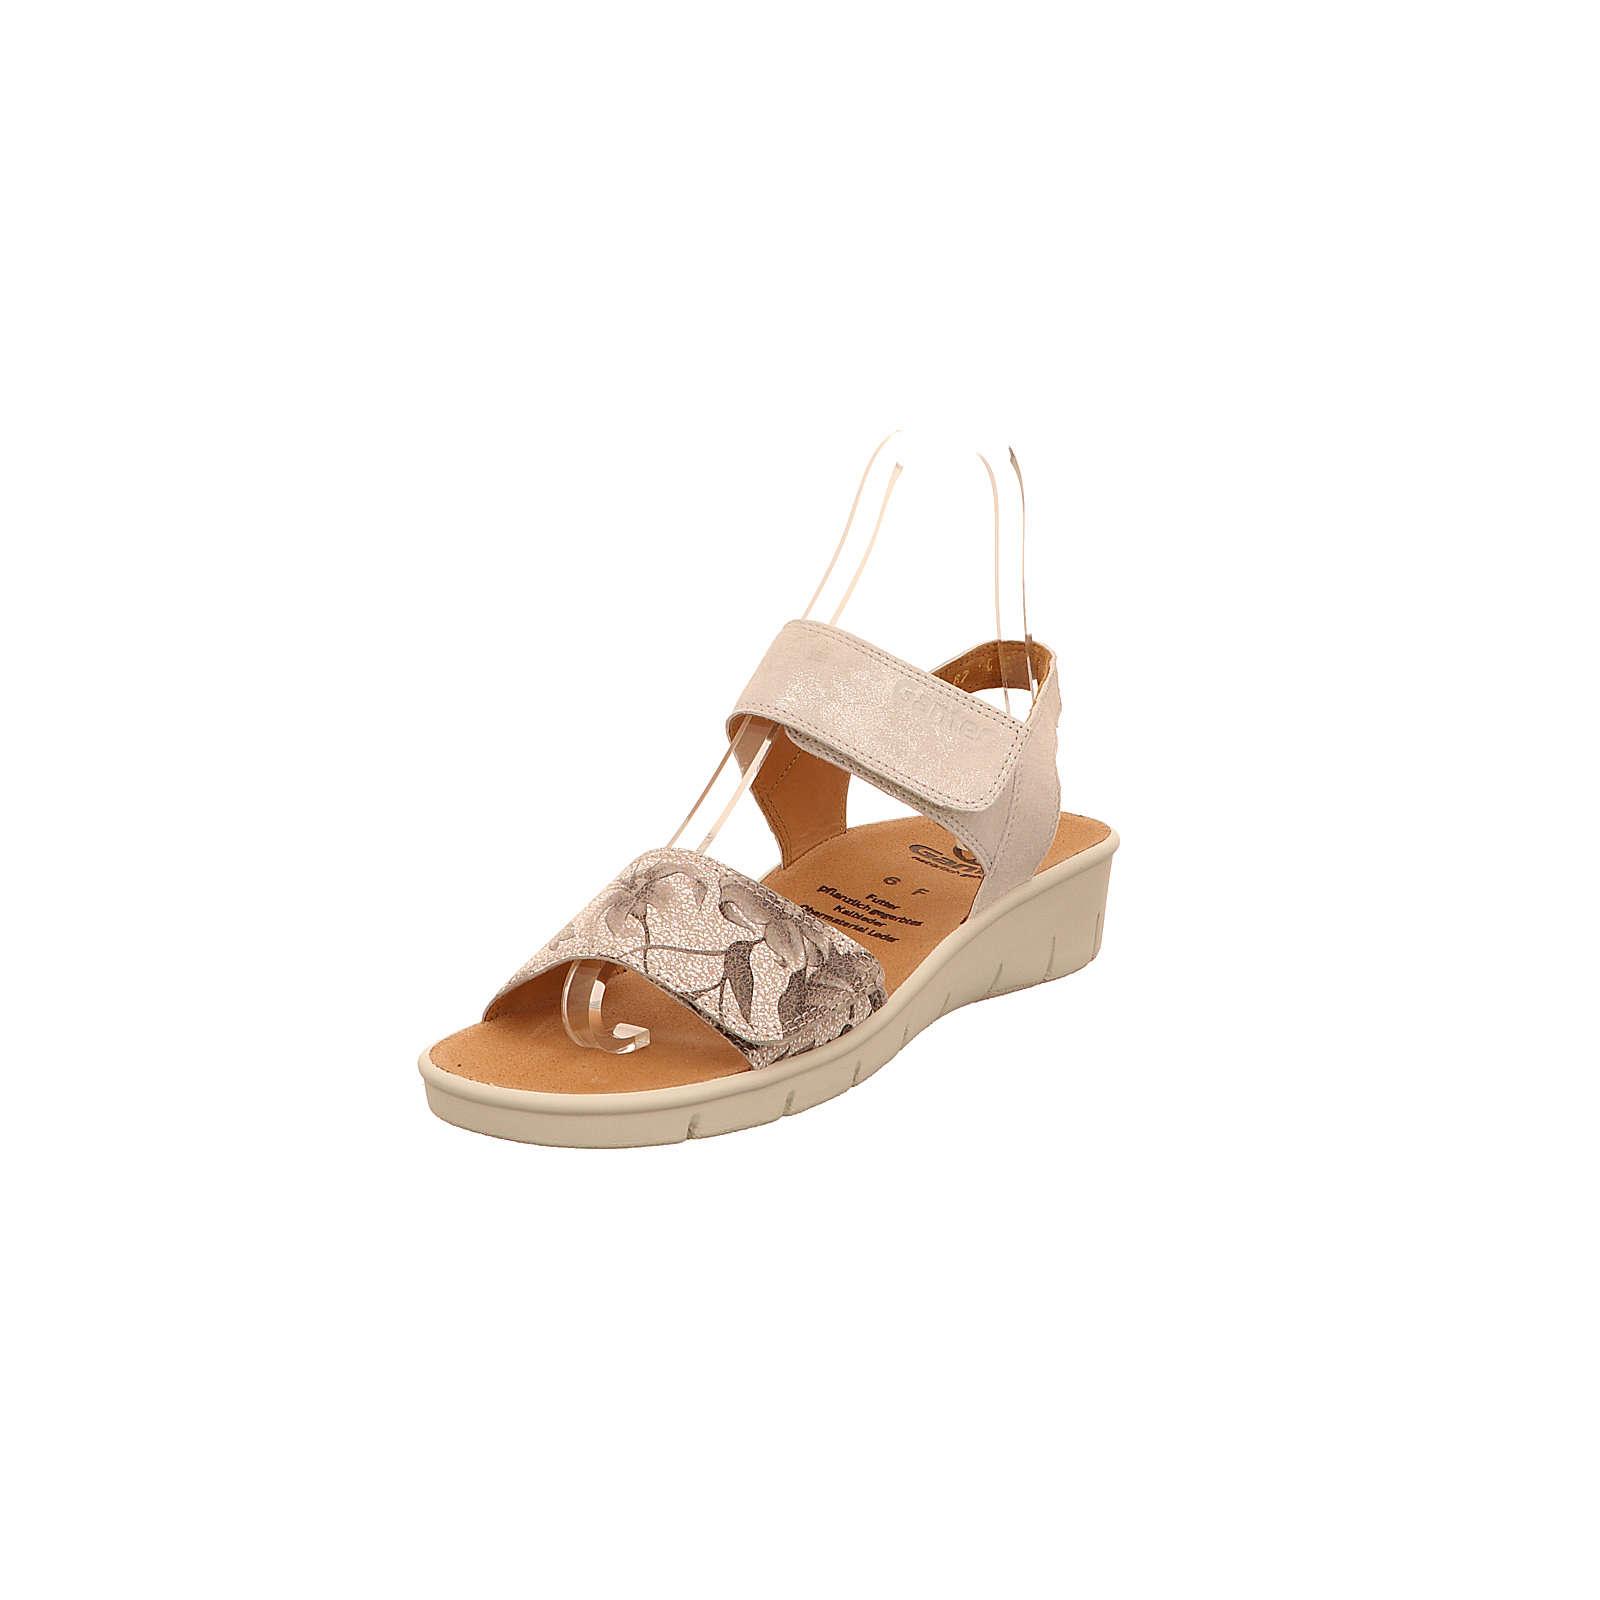 Ganter Komfort-Sandalen weiß Damen Gr. 37,5